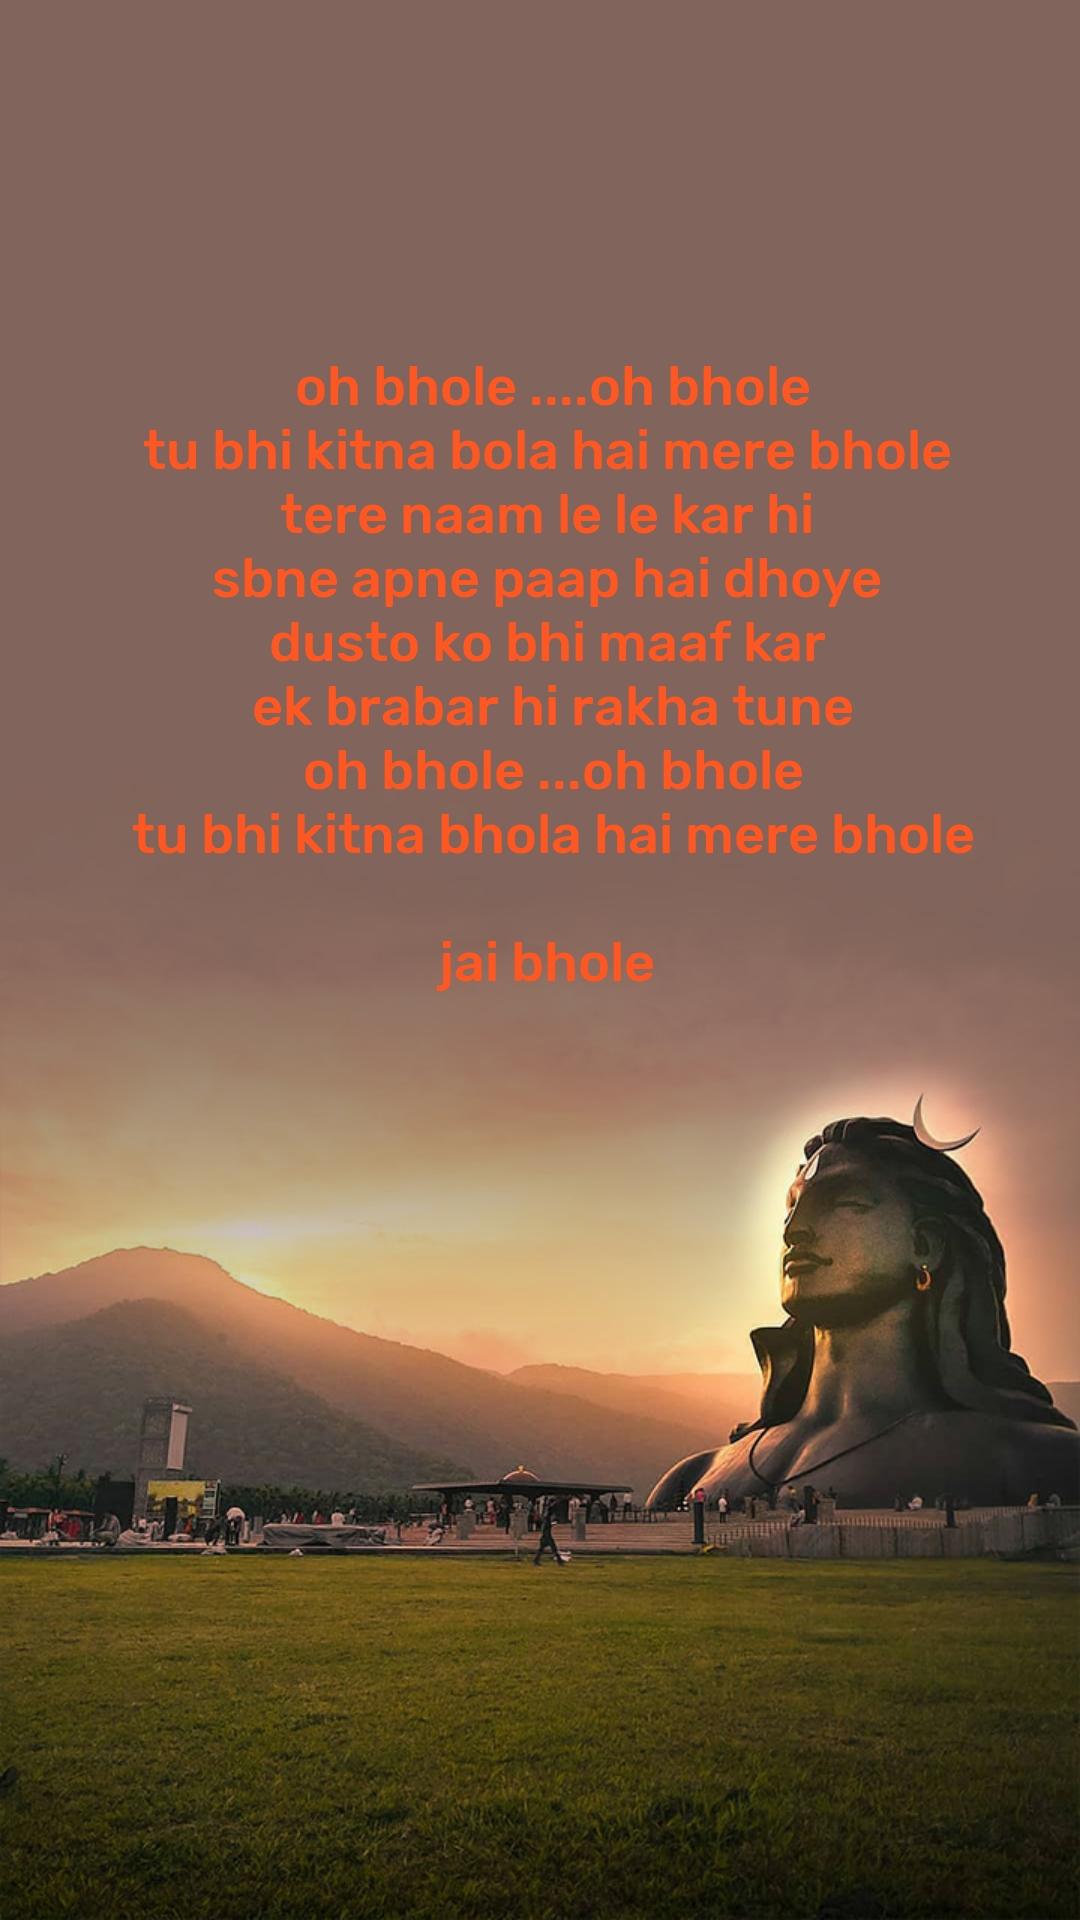 oh bhole ....oh bhole tu bhi kitna bola hai mere bhole  tere naam le le kar hi  sbne apne paap hai dhoye  dusto ko bhi maaf kar  ek brabar hi rakha tune oh bhole ...oh bhole tu bhi kitna bhola hai mere bhole  jai bhole